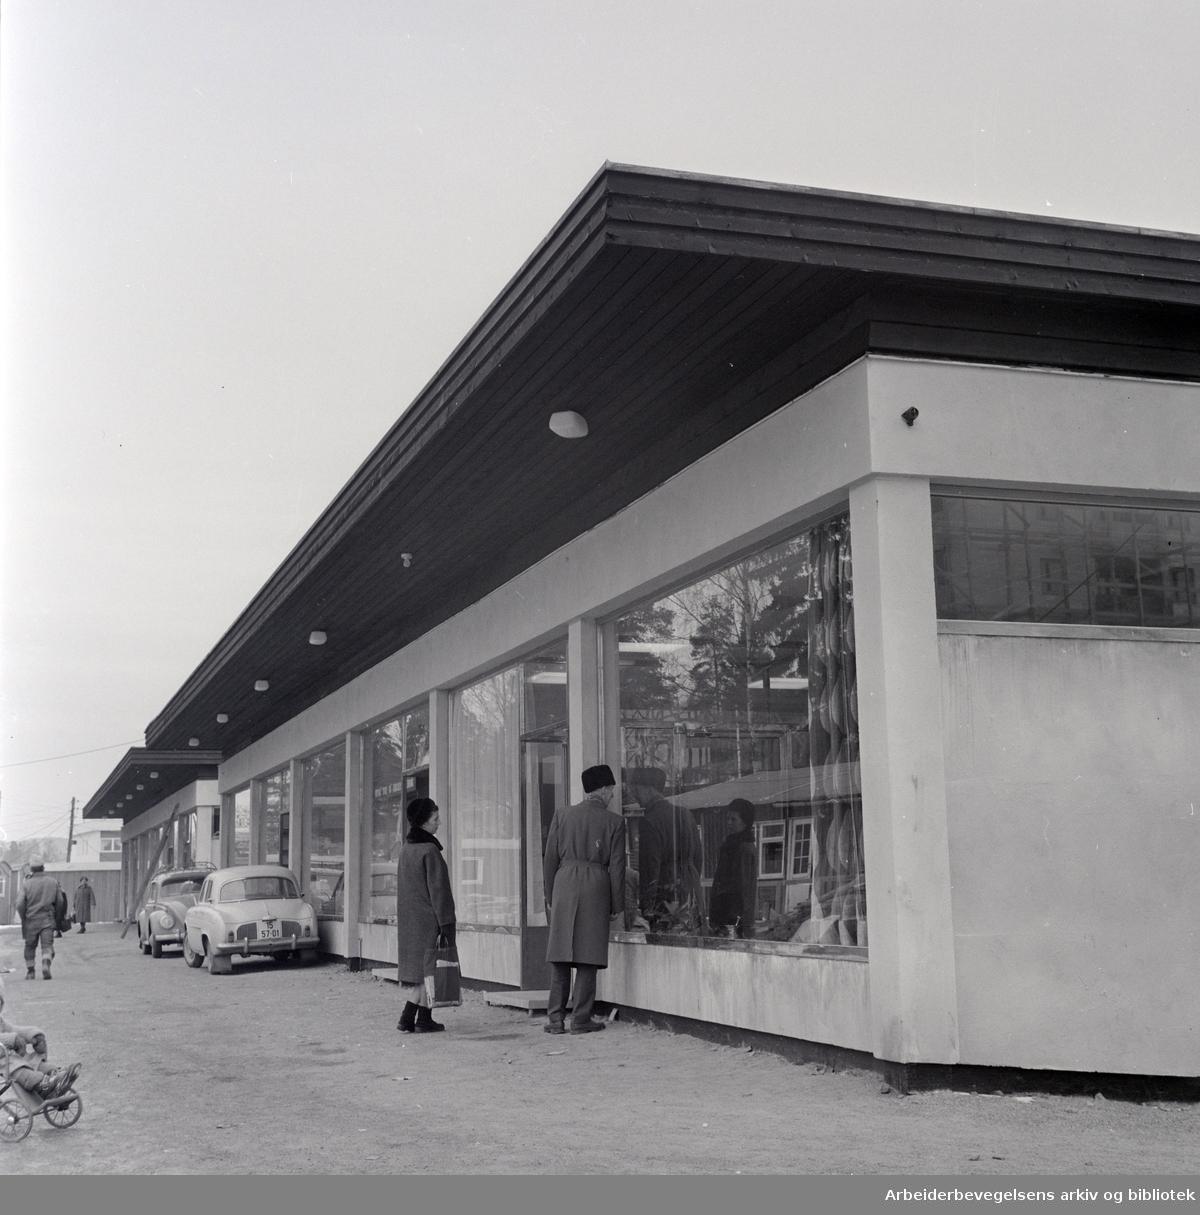 Oppsal. Nytt apotek åpnet. Februar 1964